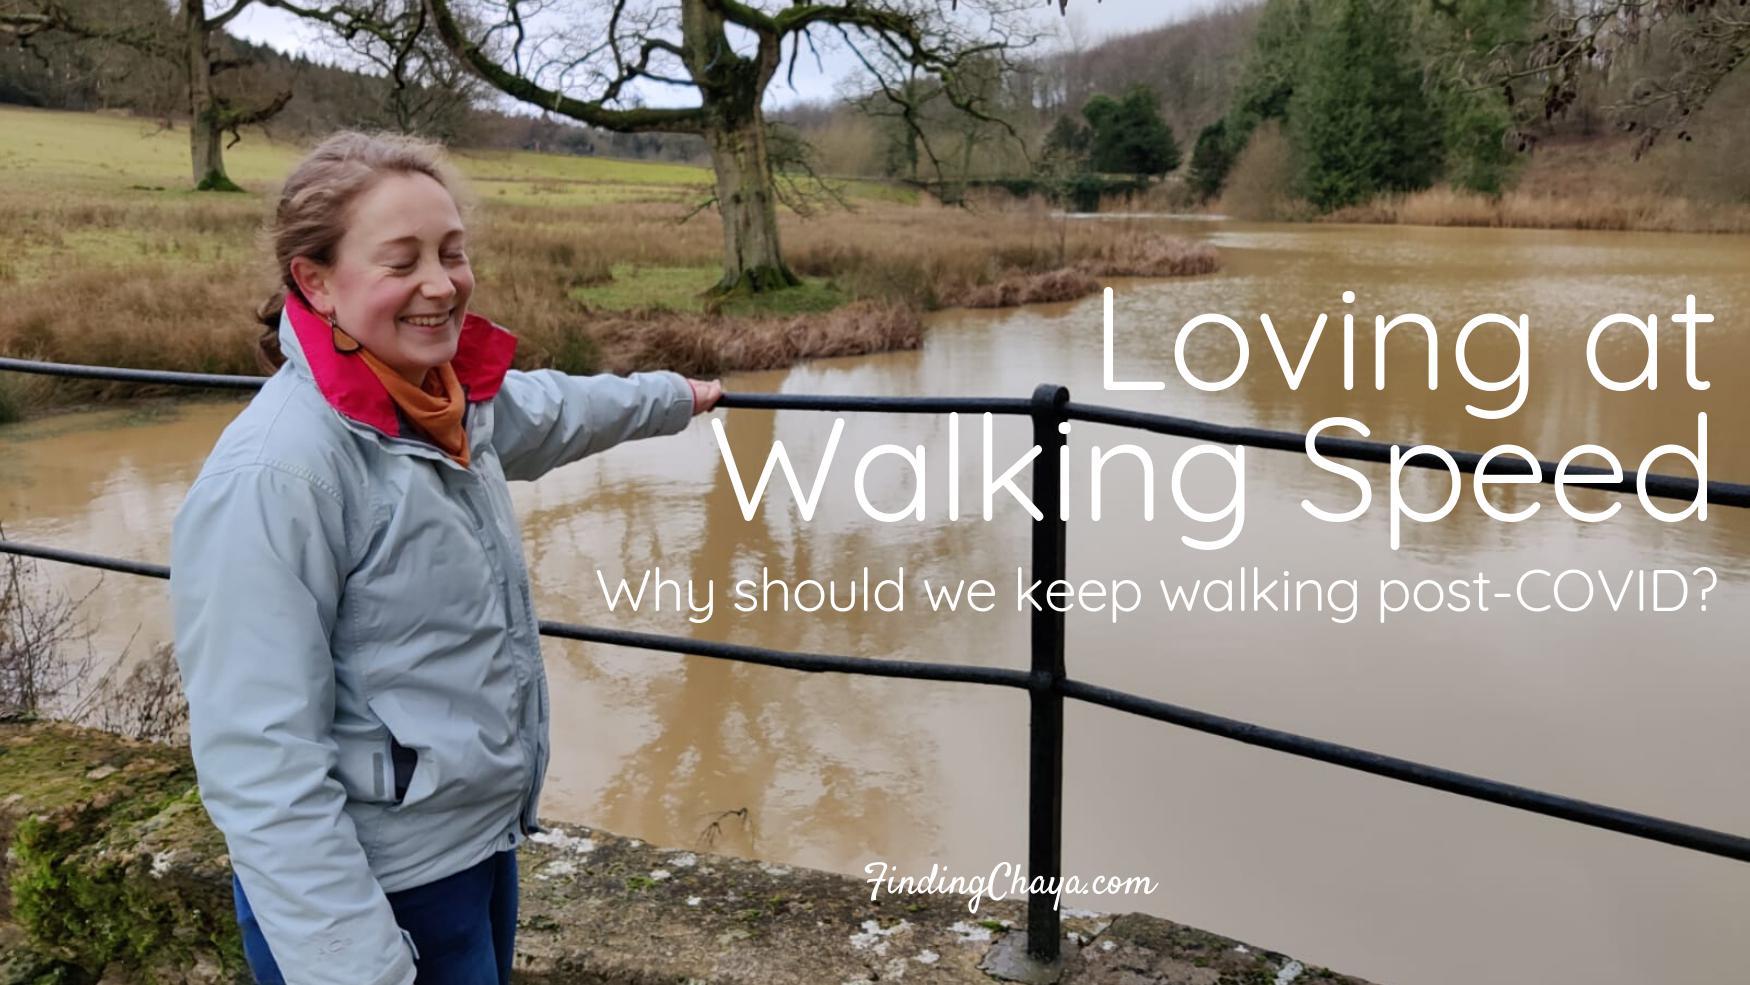 Loving at Walking Speed